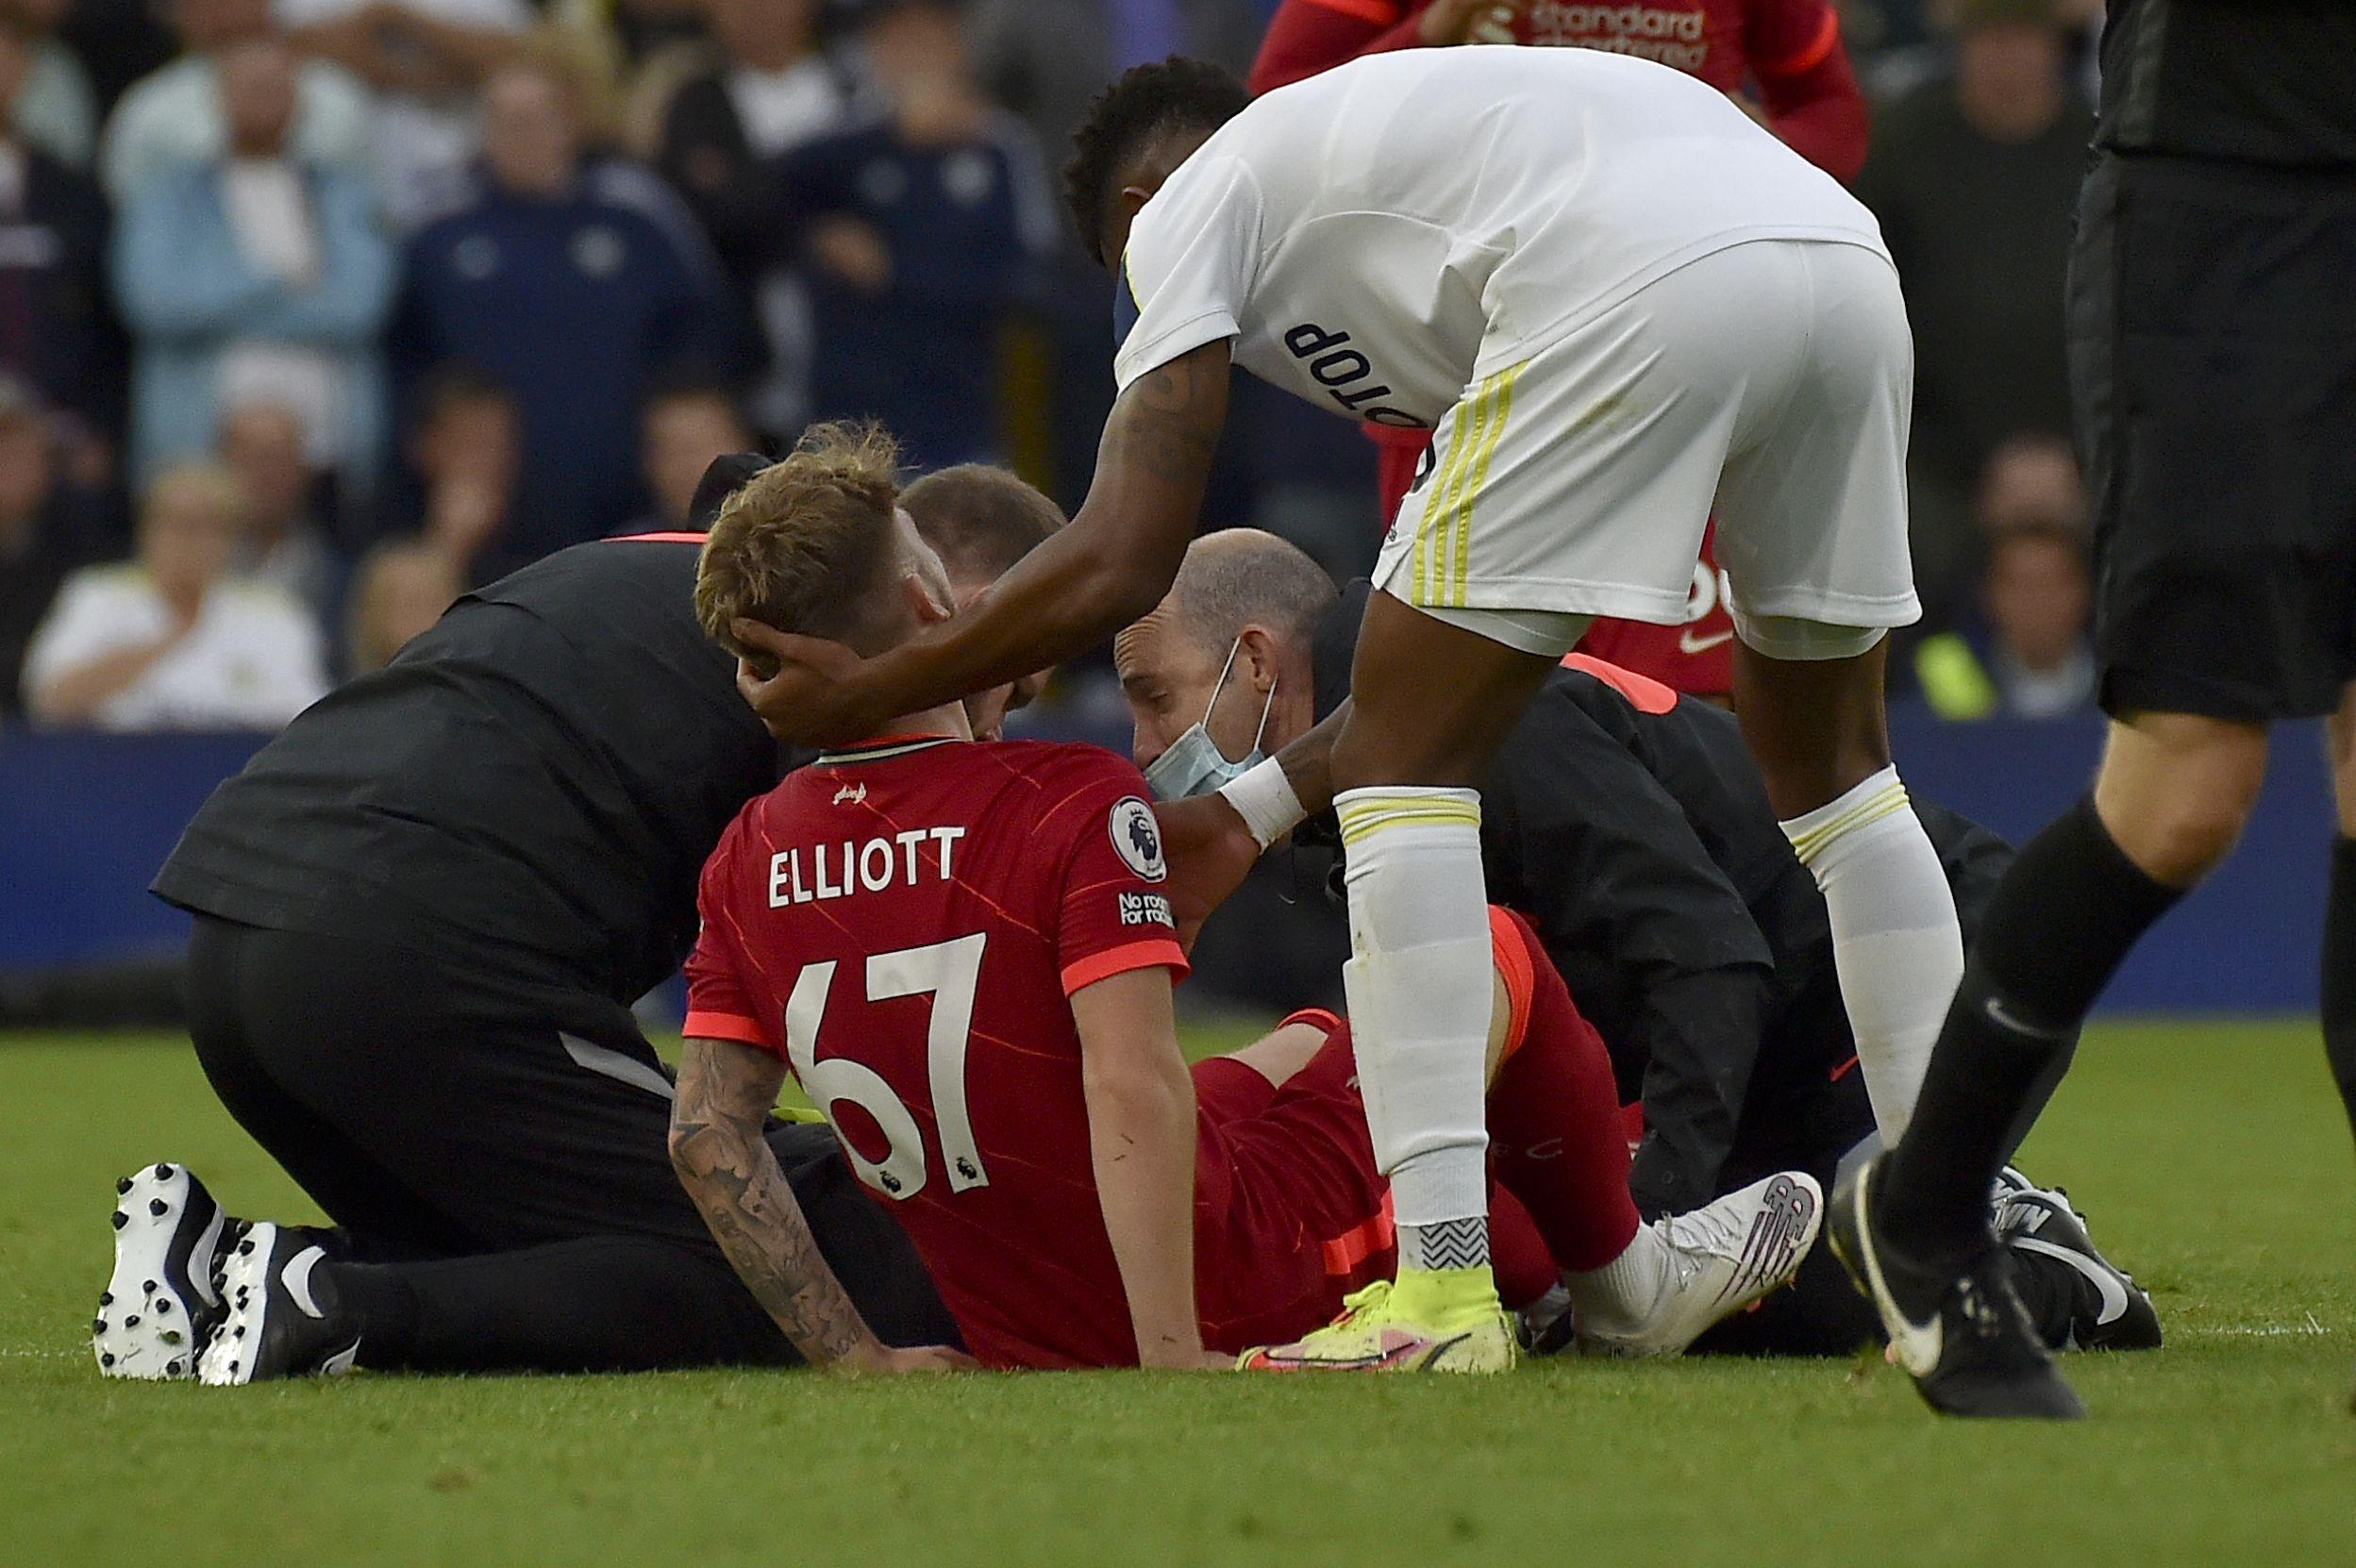 liverpool: elliott, operado de fractura en un tobillo